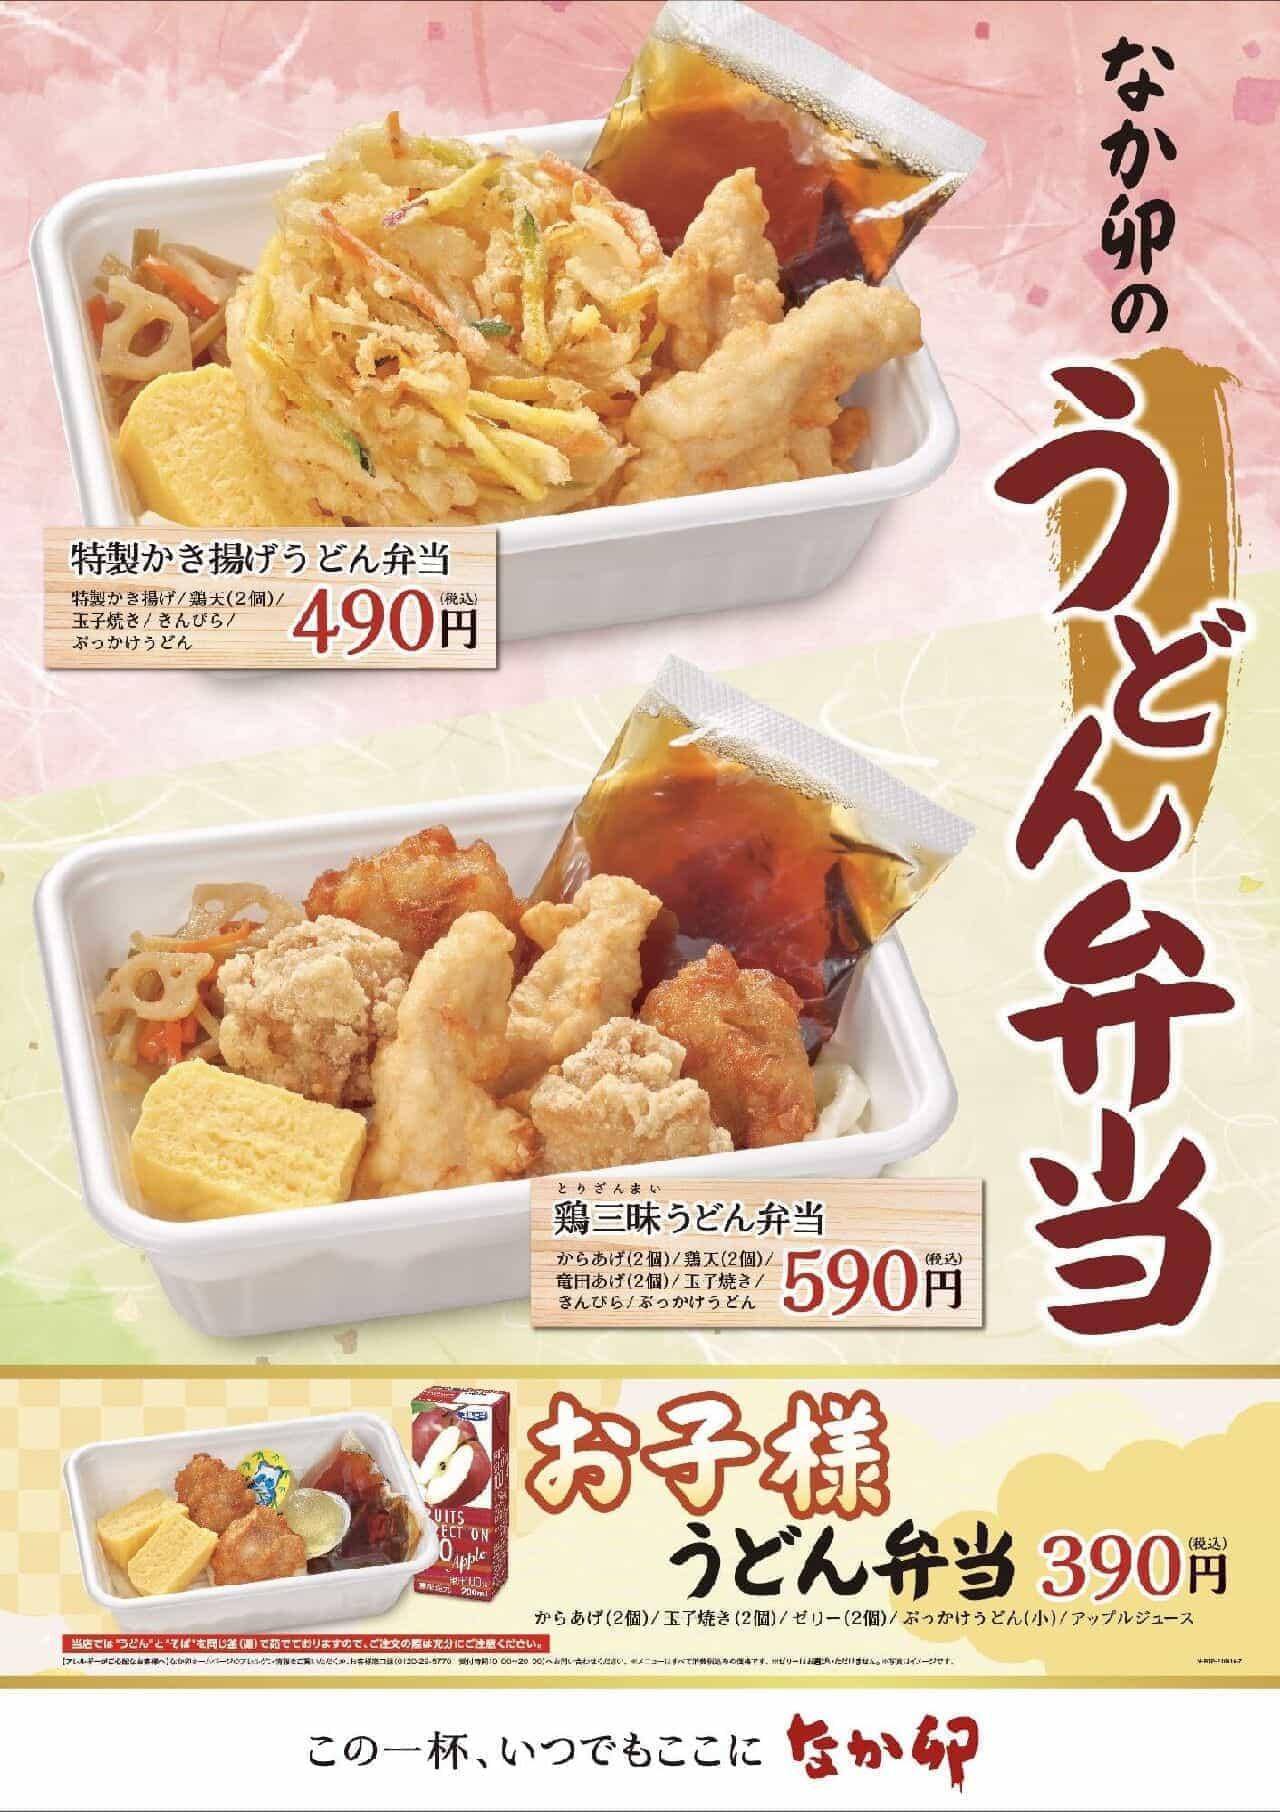 なか卯のうどん弁当「特製かき揚げうどん弁当」「鶏三昧うどん弁当」「お子様うどん弁当」